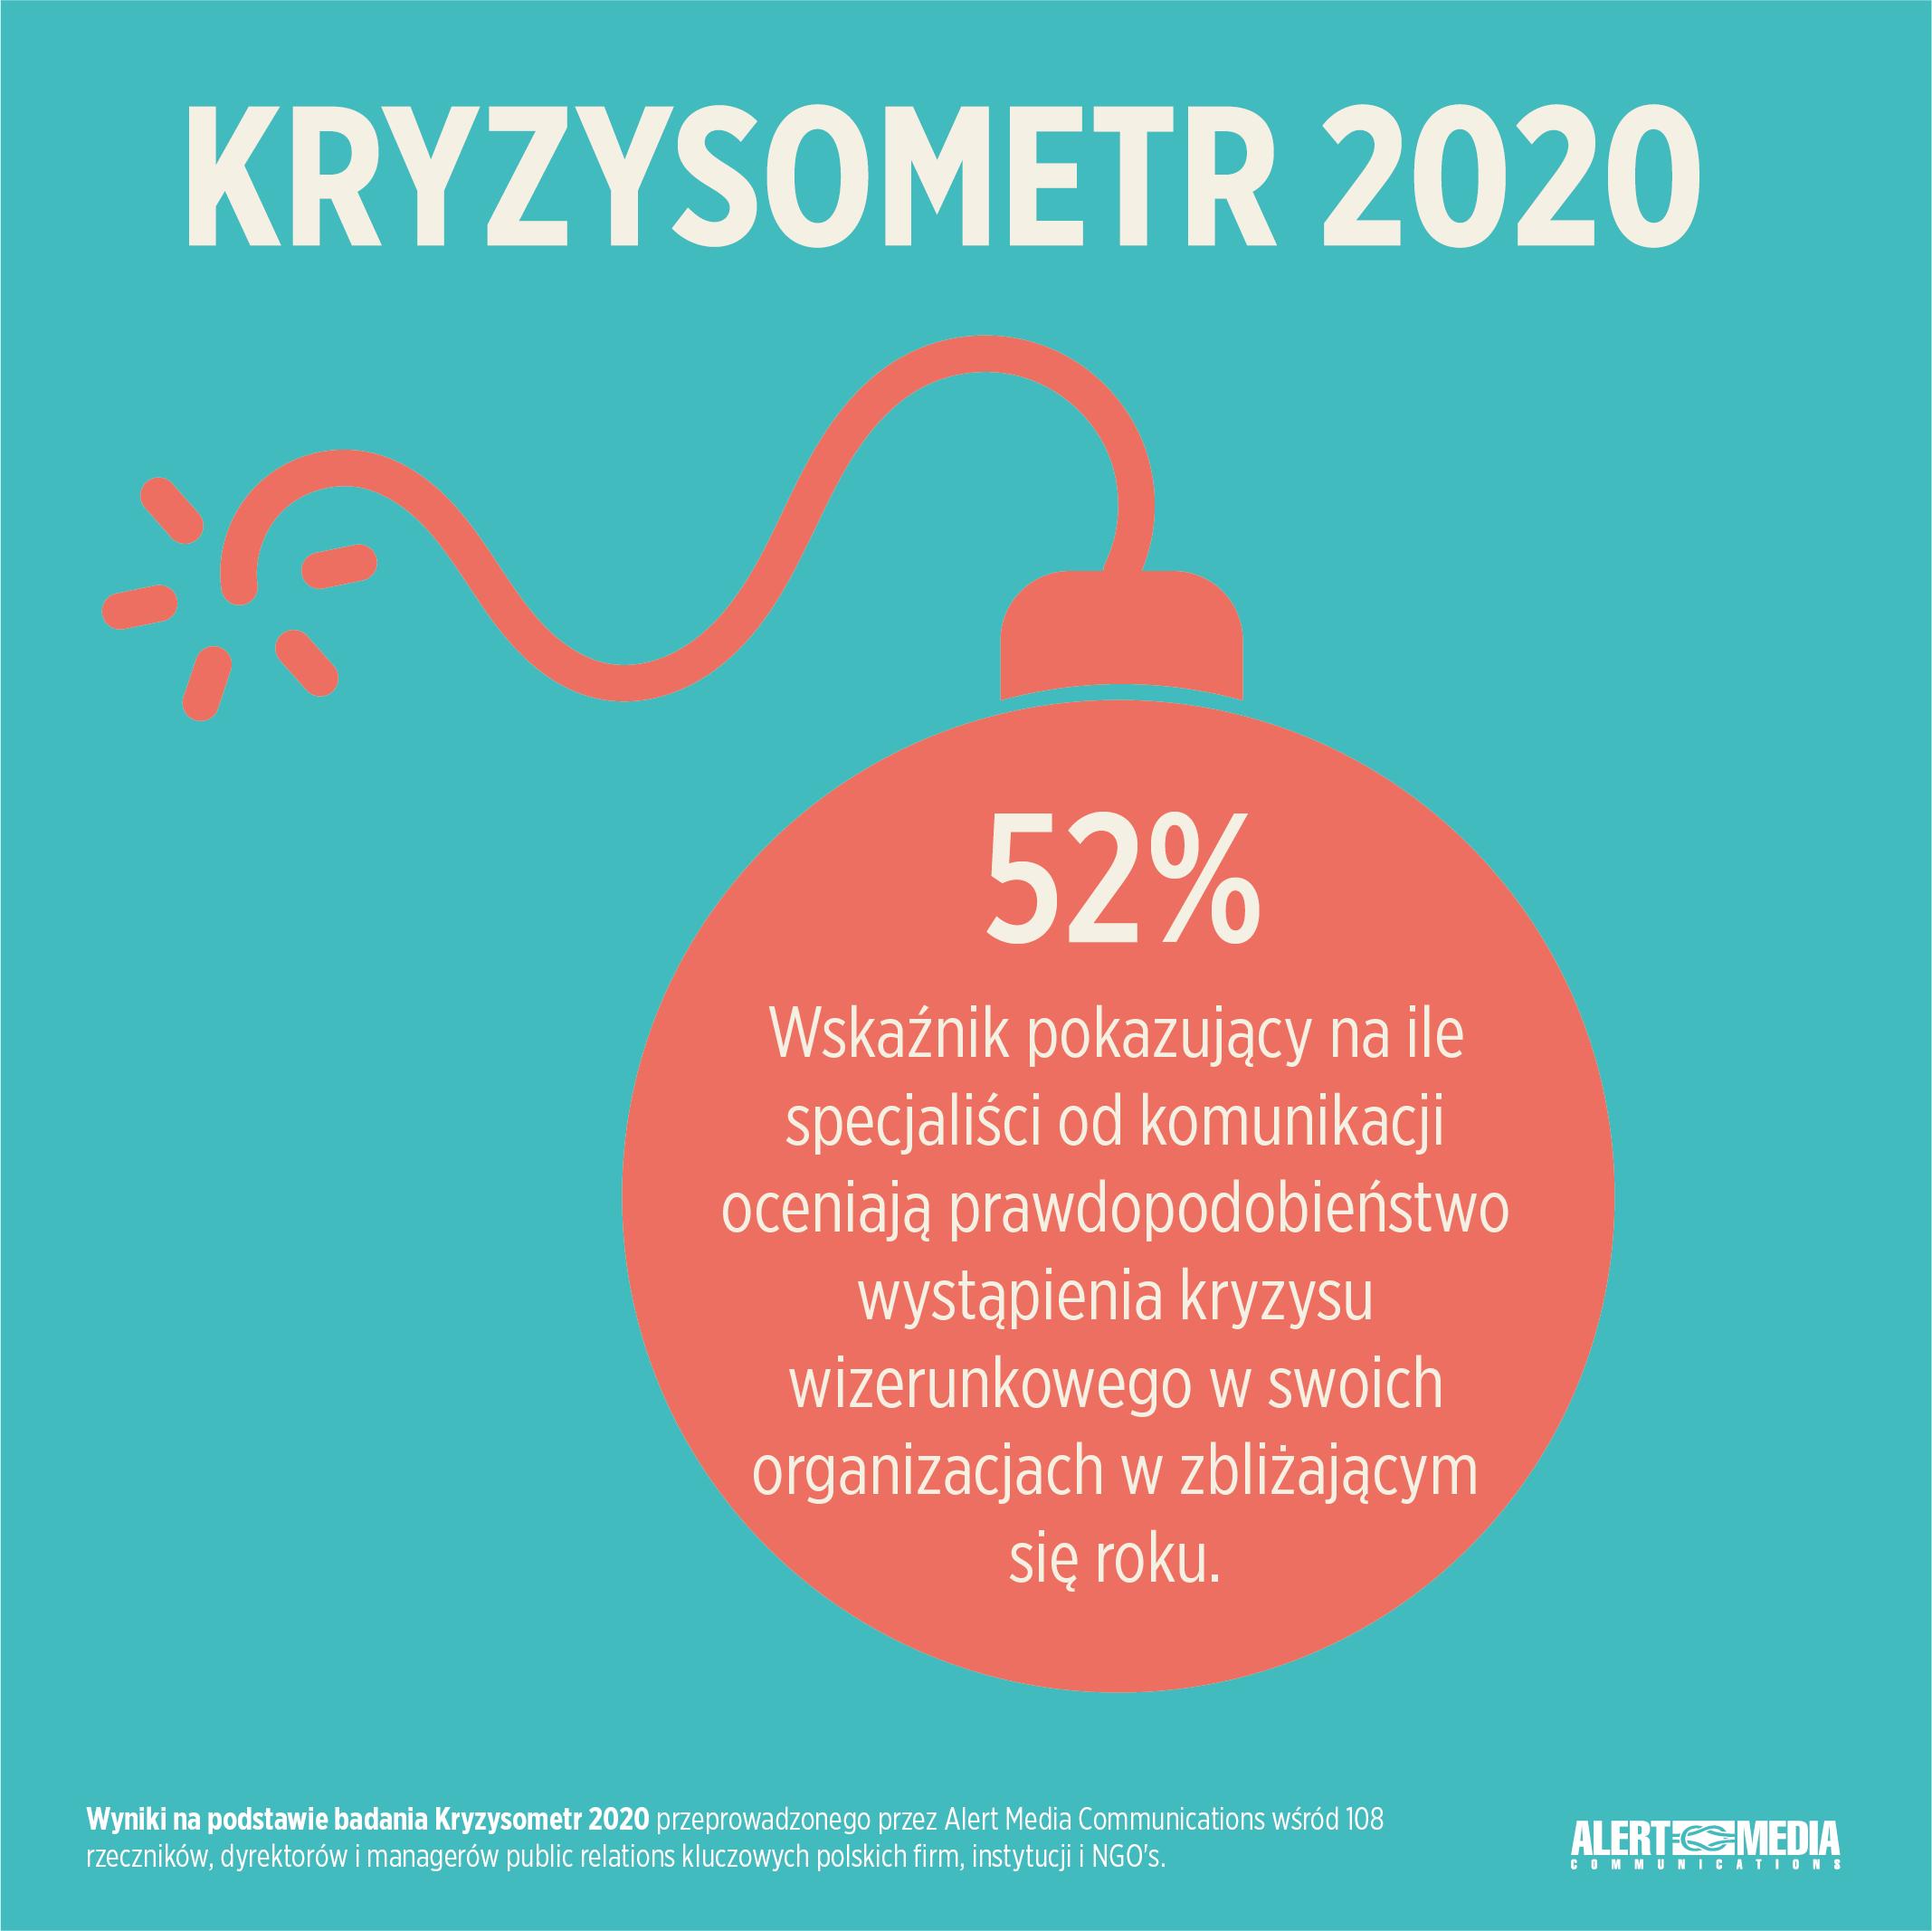 Kryzysometr 2020